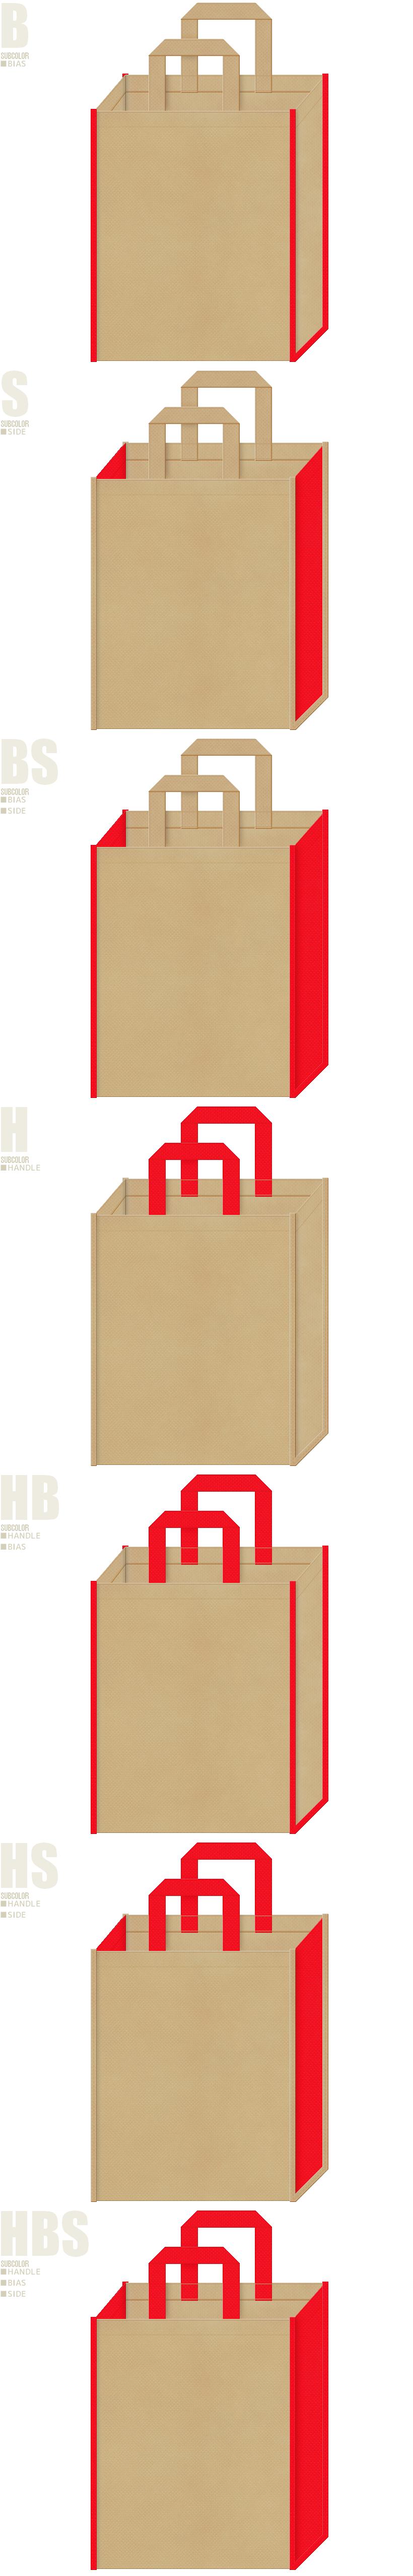 むかし話・赤鬼・節分・大豆・一合枡・野点傘・茶会・和風催事にお奨めの不織布バッグデザイン:カーキ色と赤色の配色7パターン